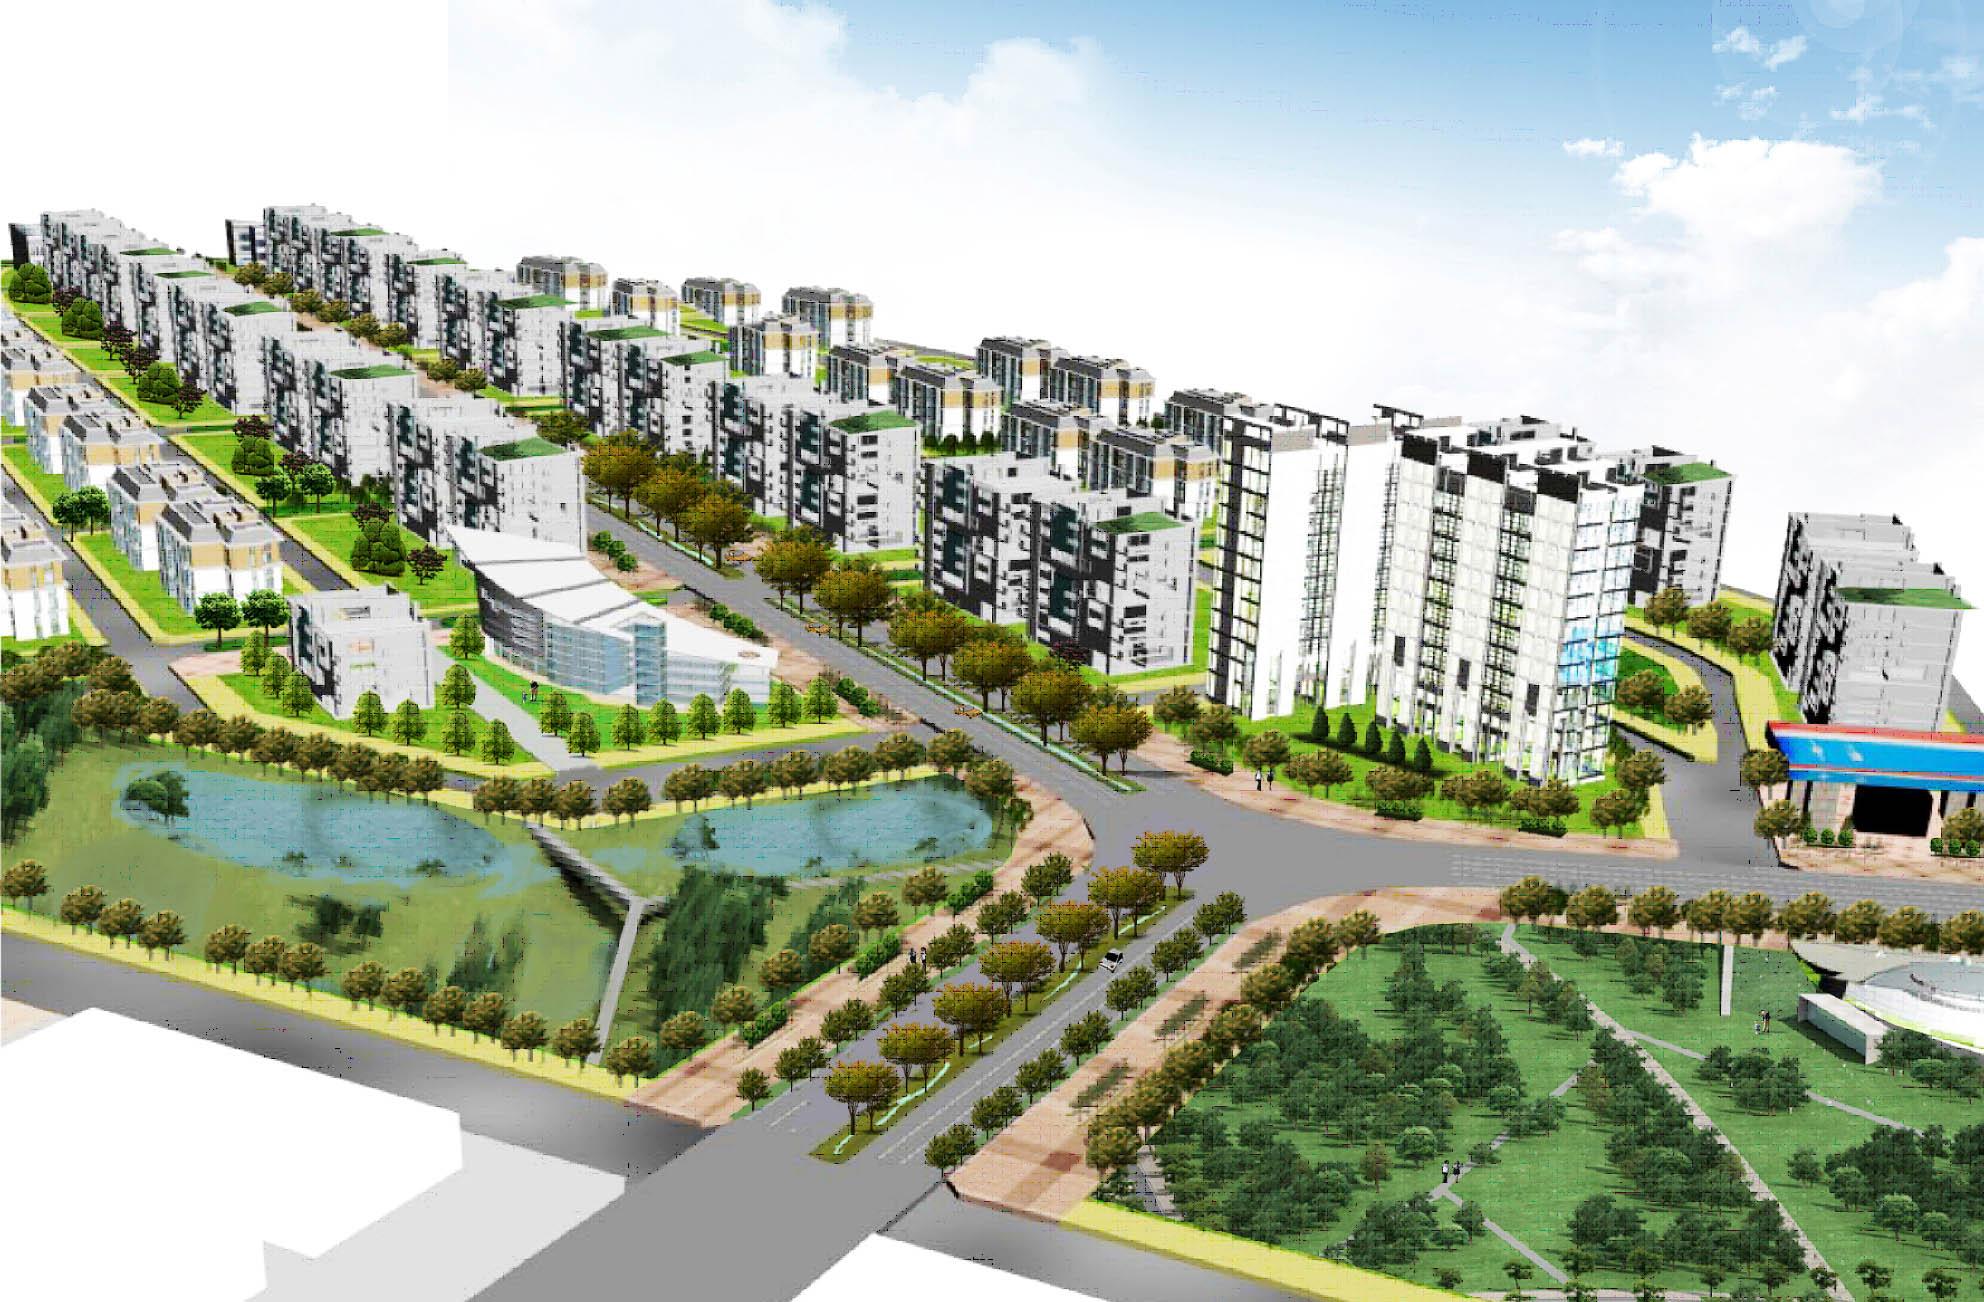 新一代生態、綠能簇群住宅社區典範將在安南區草湖寮住宅區展現